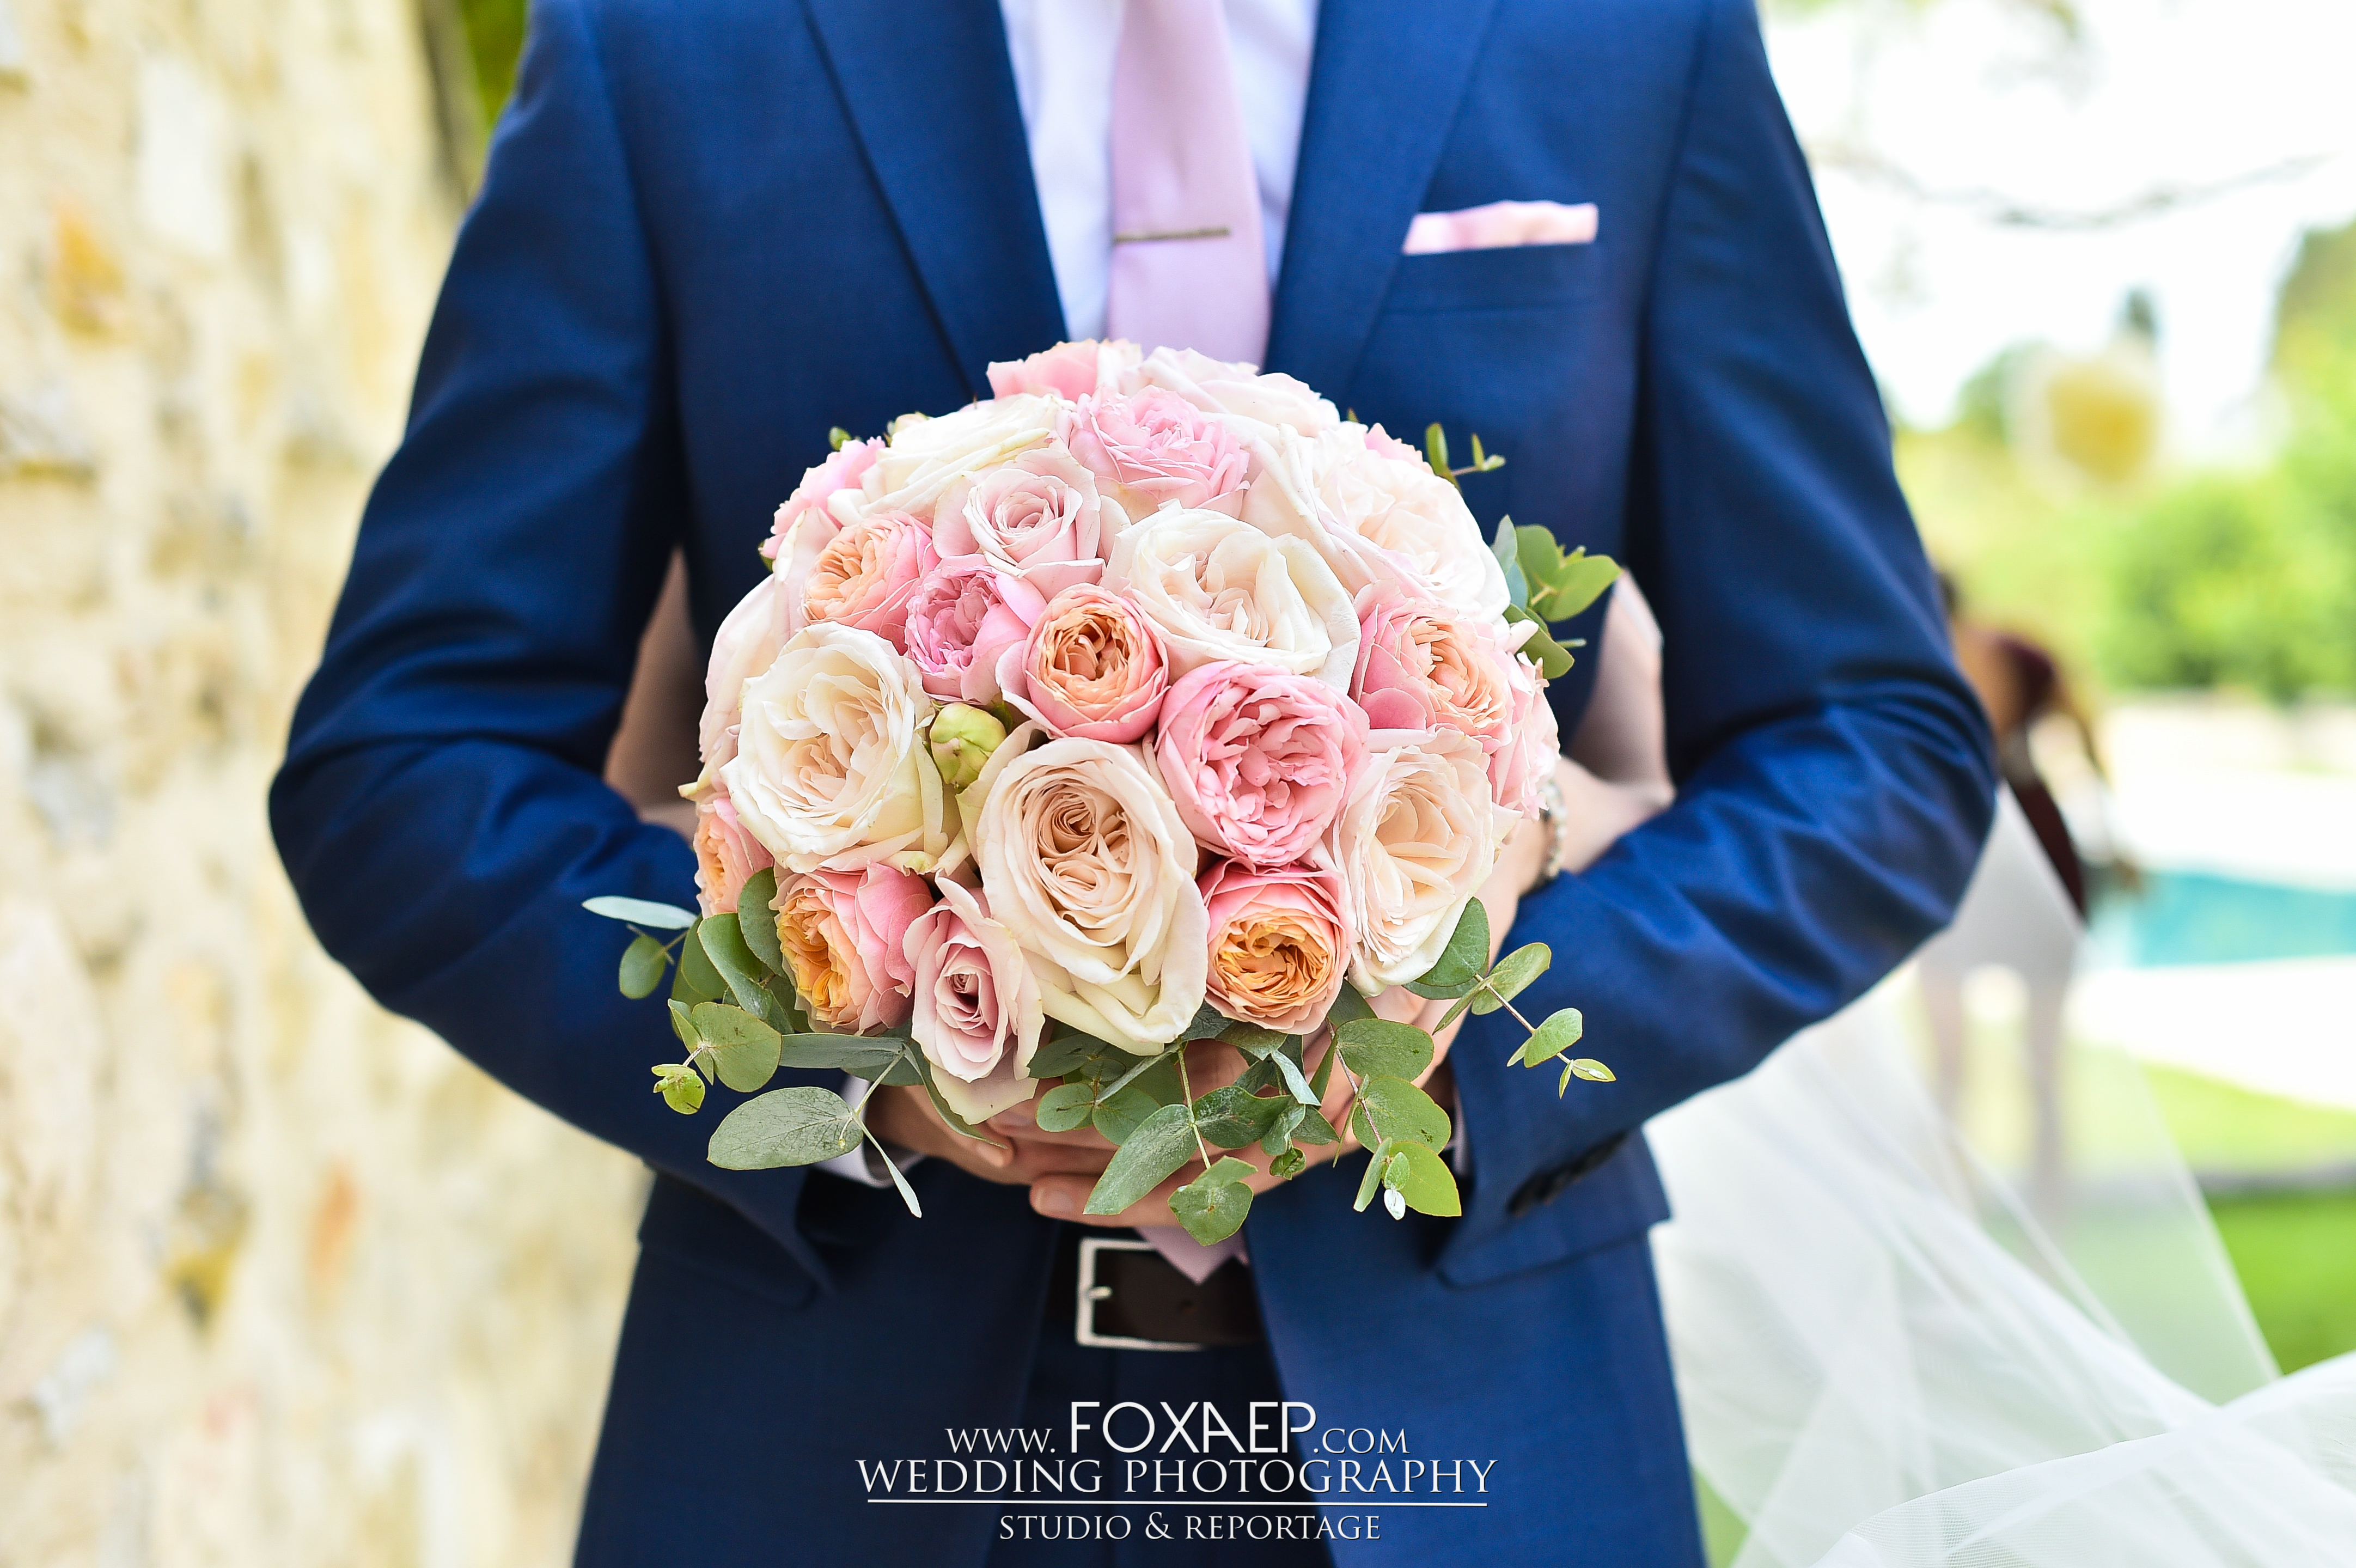 foxaep-mariage-dday-hd-tag-6739